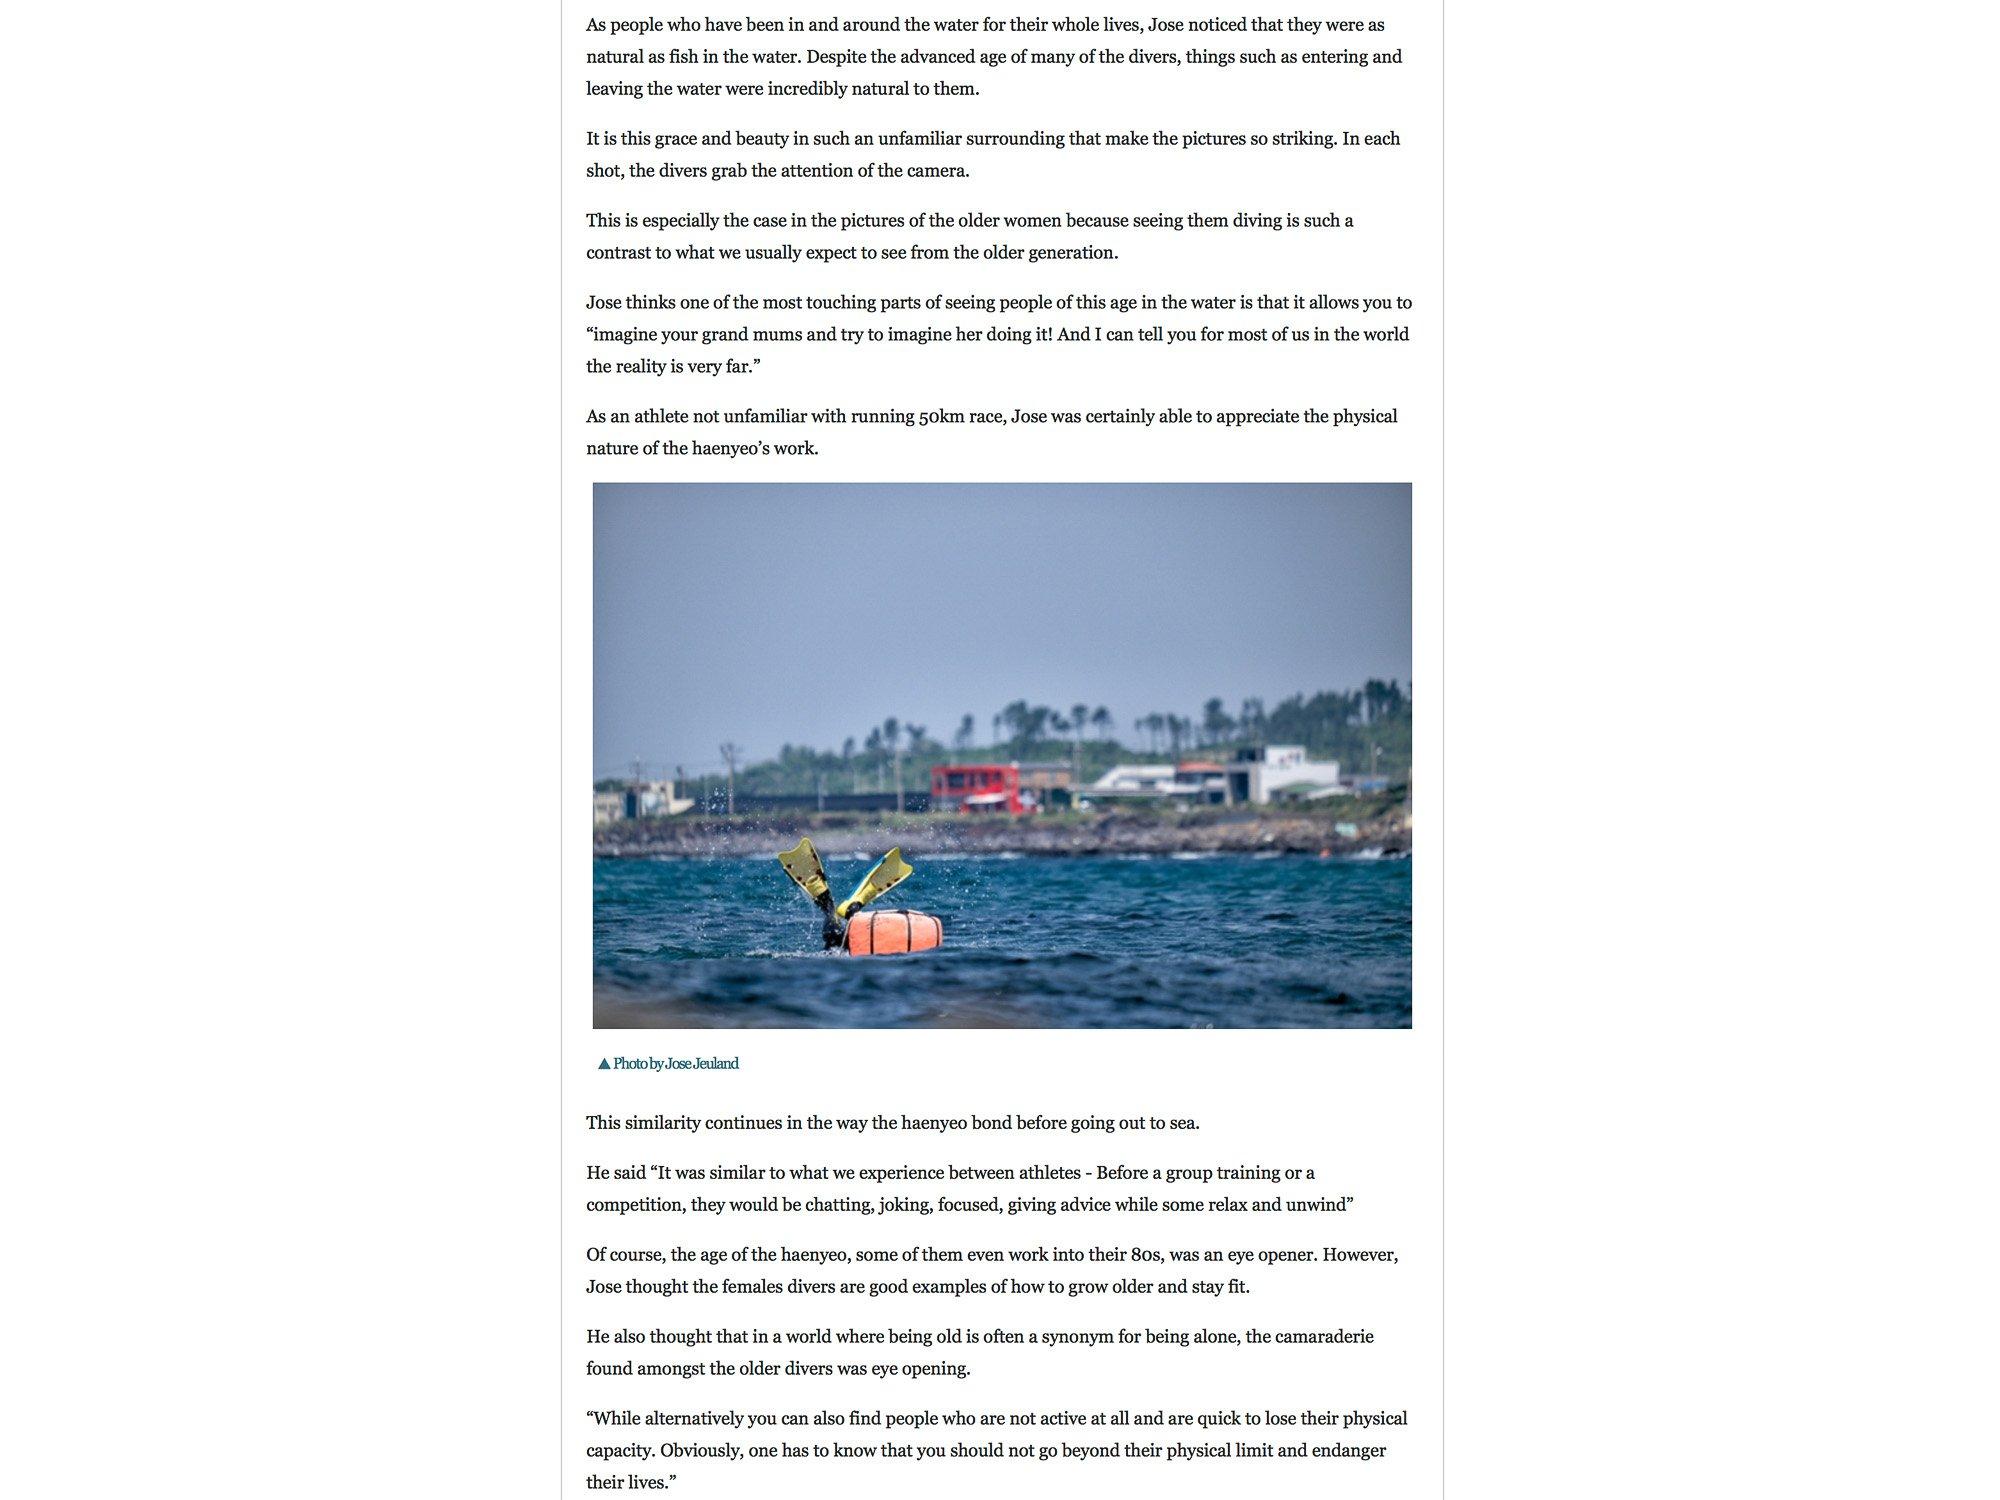 Jose Jeuland JeJu Weekly Haenyeo Article Photographer Triathlete newspaper